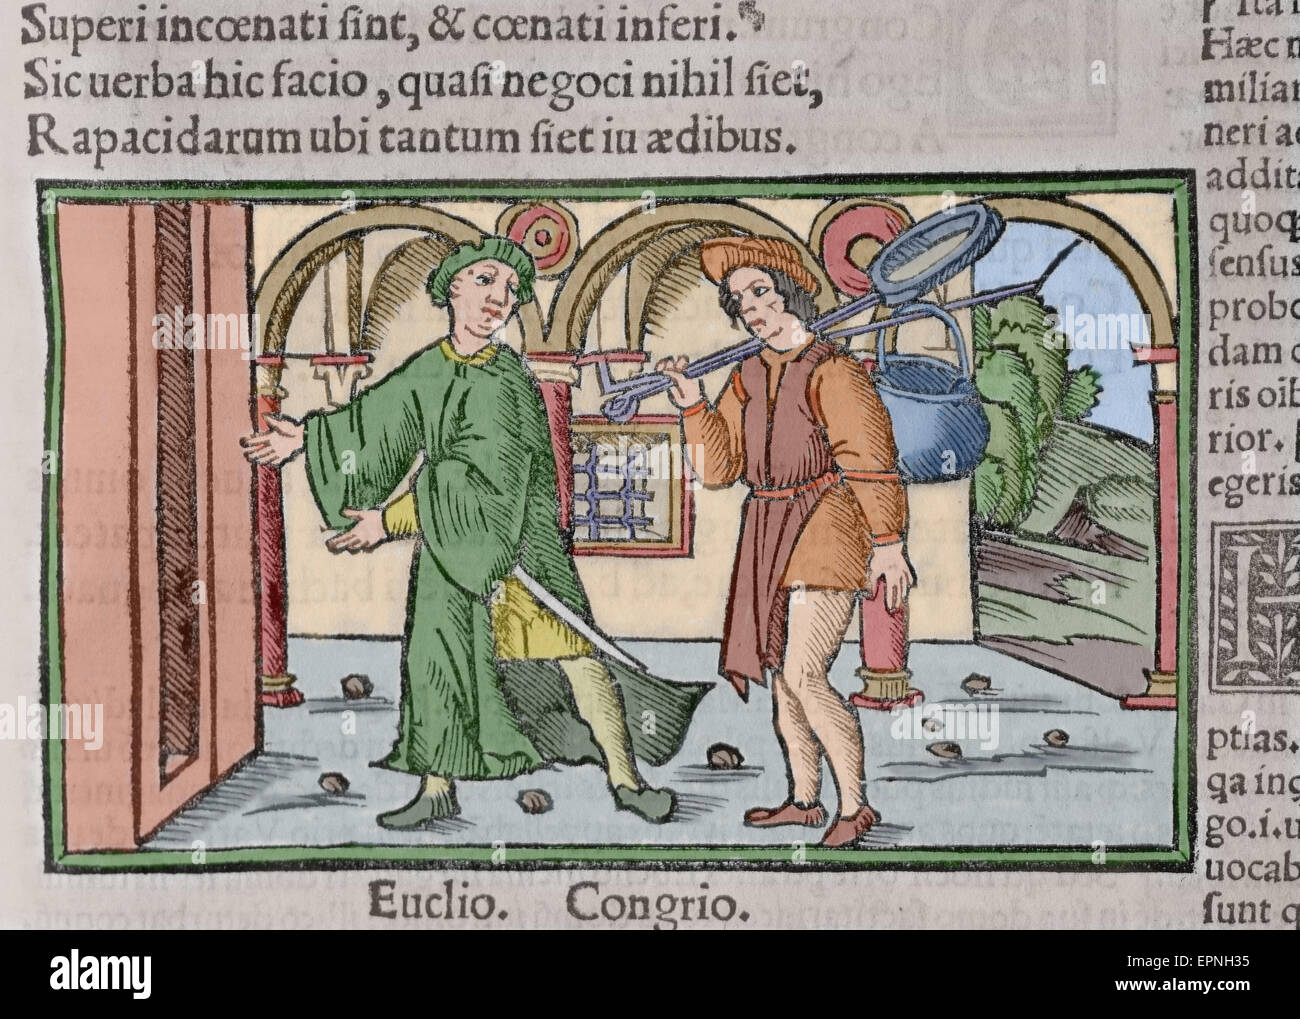 Titus Maccius Plautus (250-184). Lateinischer Dramatiker. Aulularia. Act I. Euclio und Congrio. Gravur. 1518. farbige. Stockbild